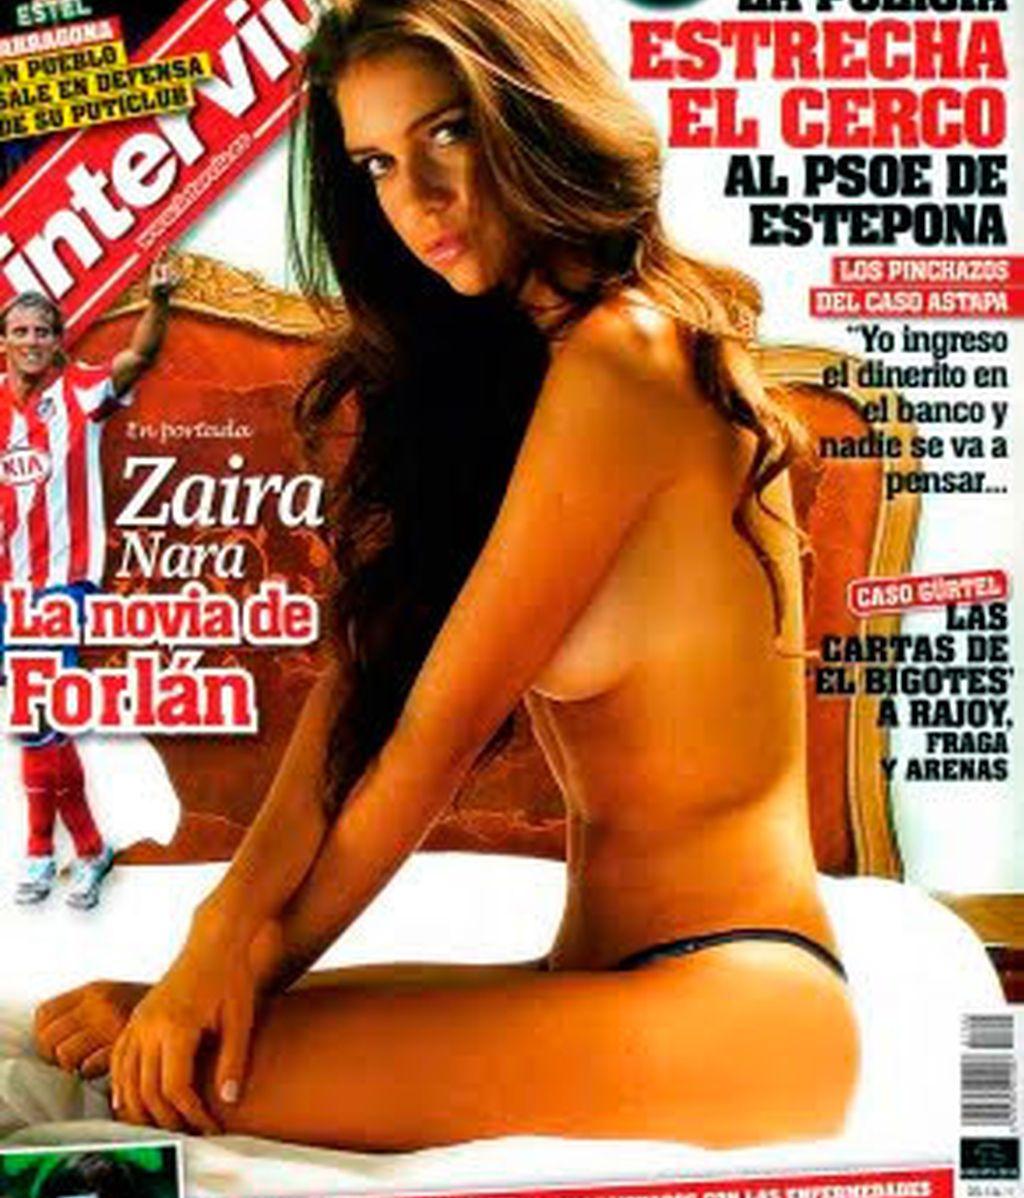 La futura mujer de Forlán: de chica Interviú a radiante novia